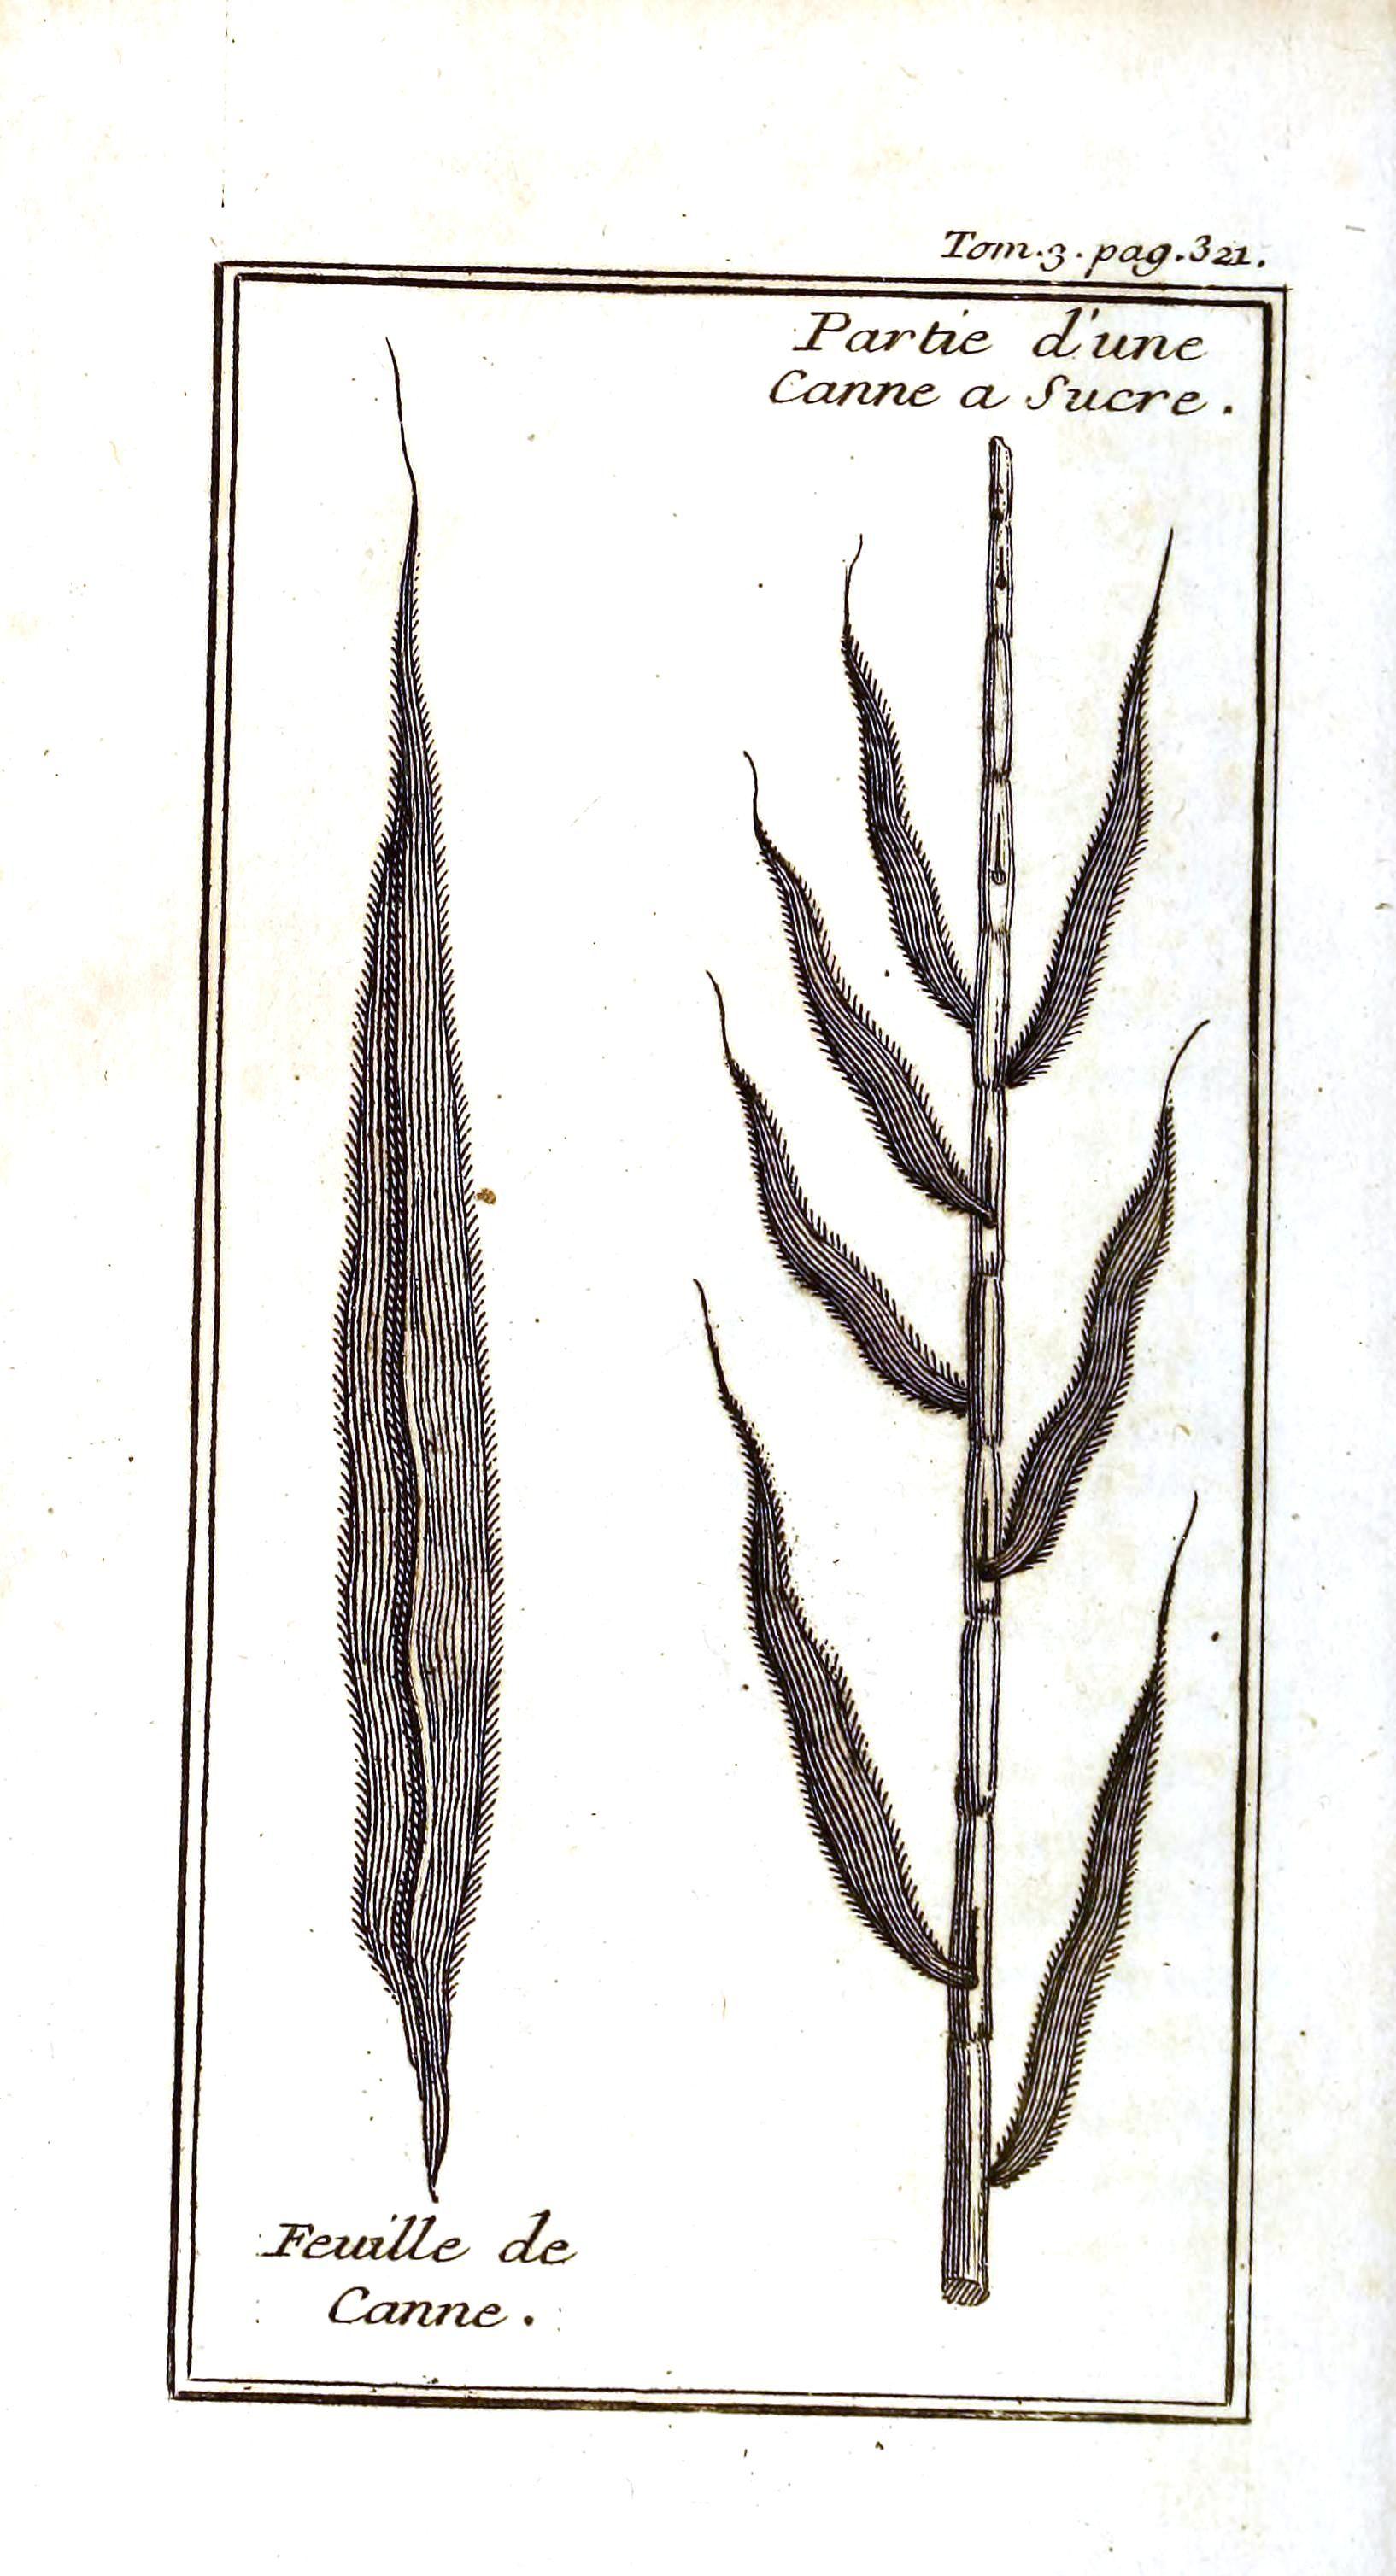 sugarcane botanical illustration - Pesquisa Google